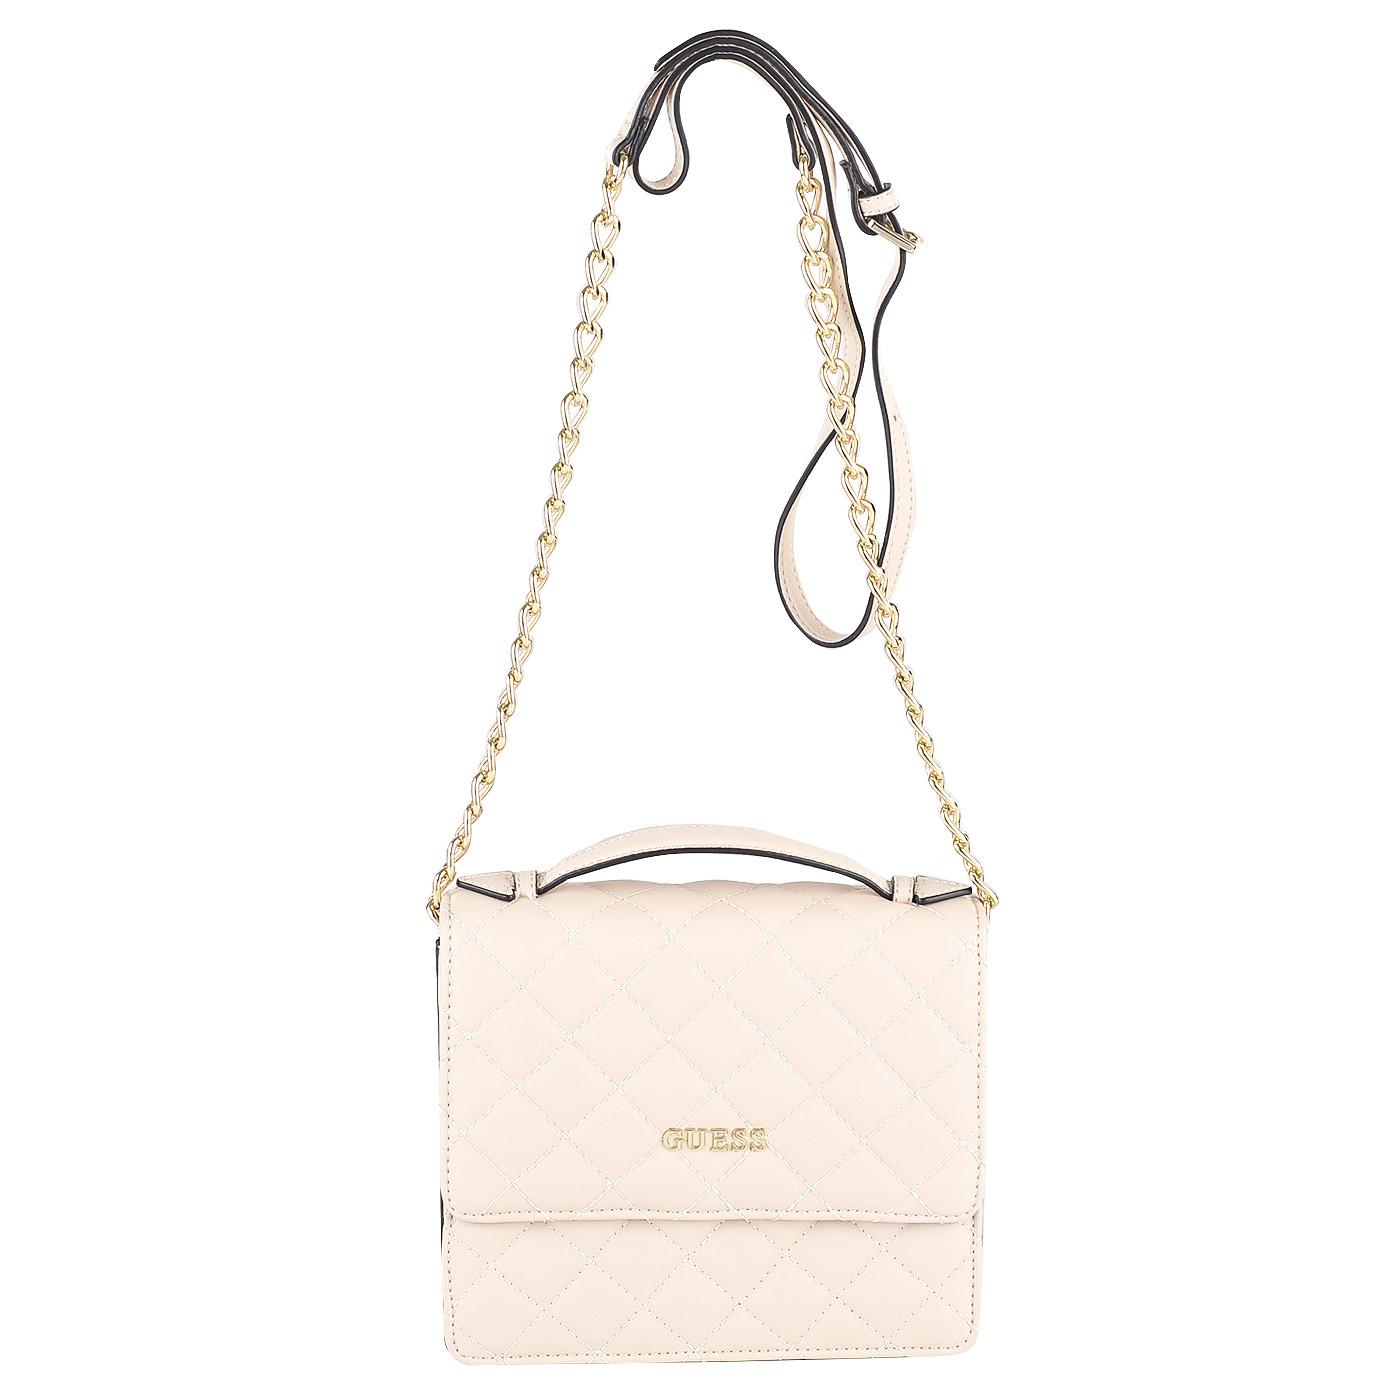 bfd1e9f2 Женская сумка через плечо Guess Alanis Женская сумка через плечо Guess  Alanis ...